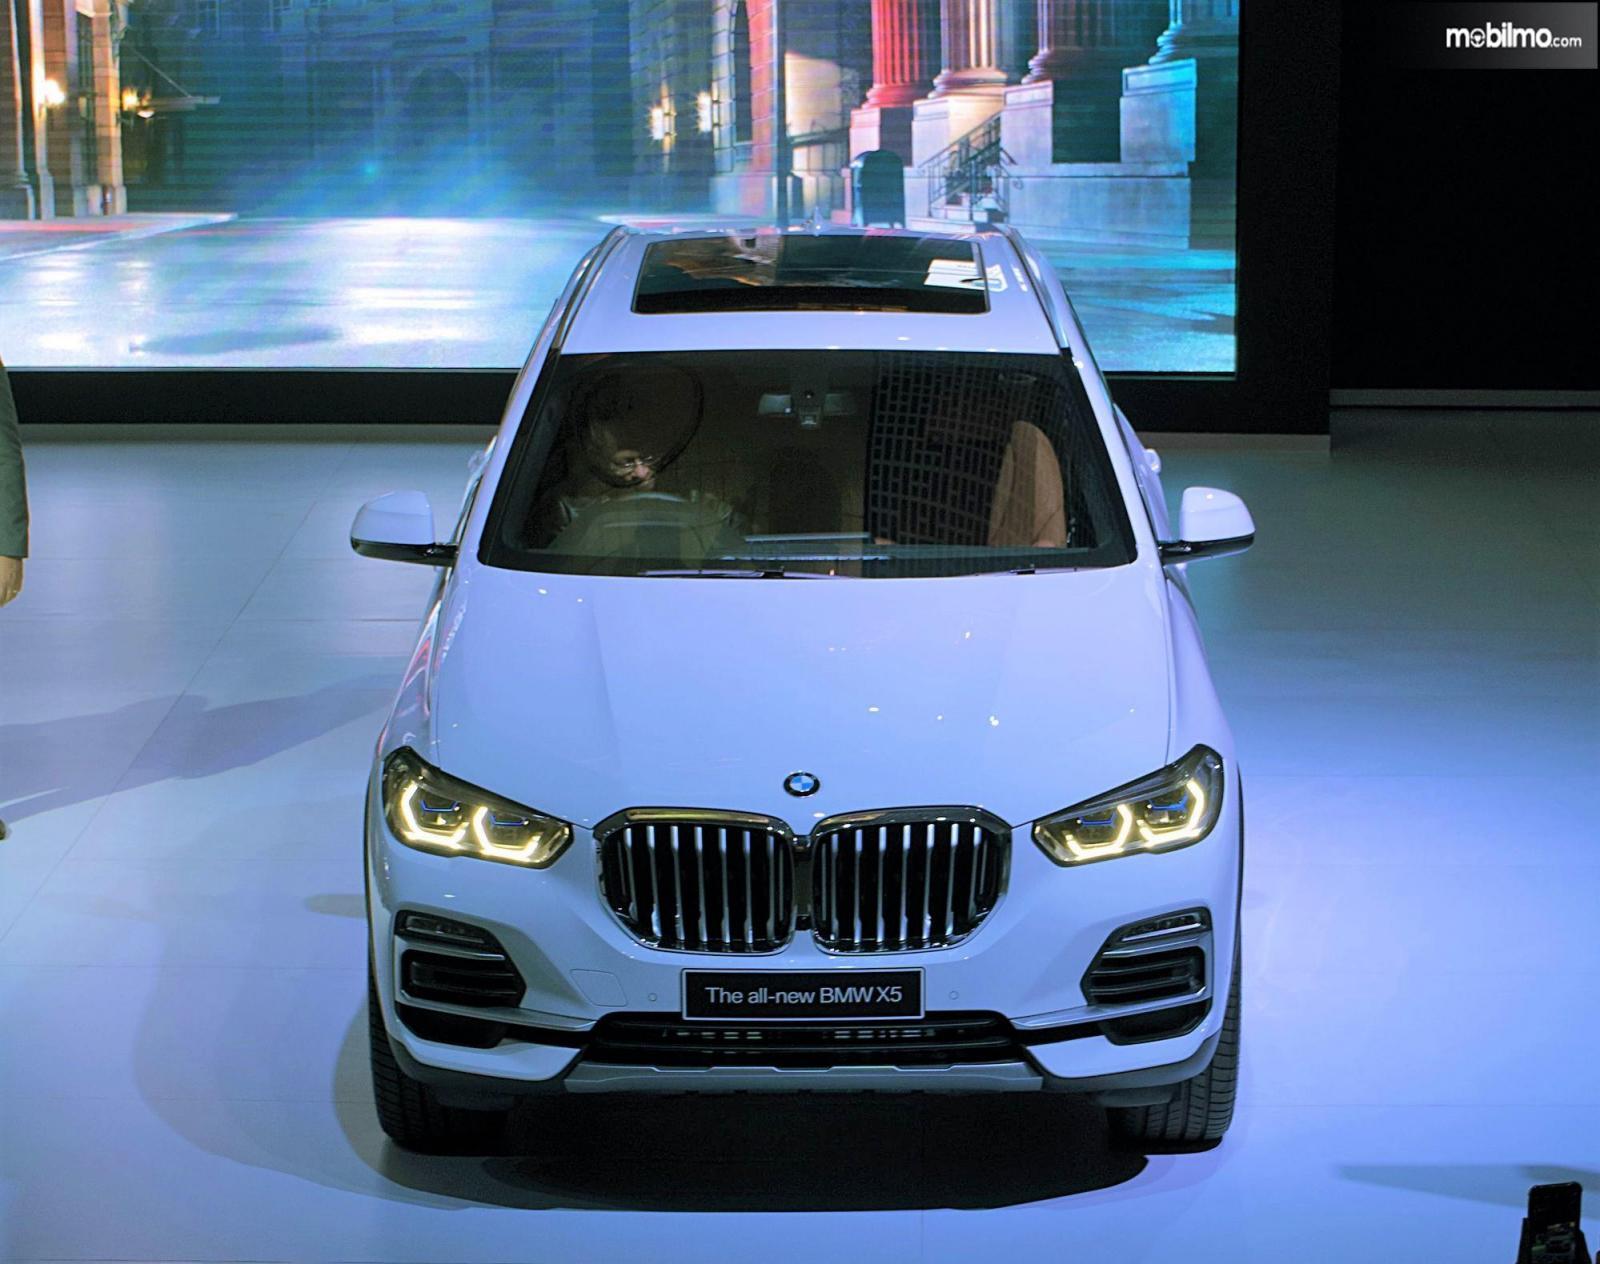 Tampilan depan BMW X5 The Boss pada saat diluncurkan di Jakarta